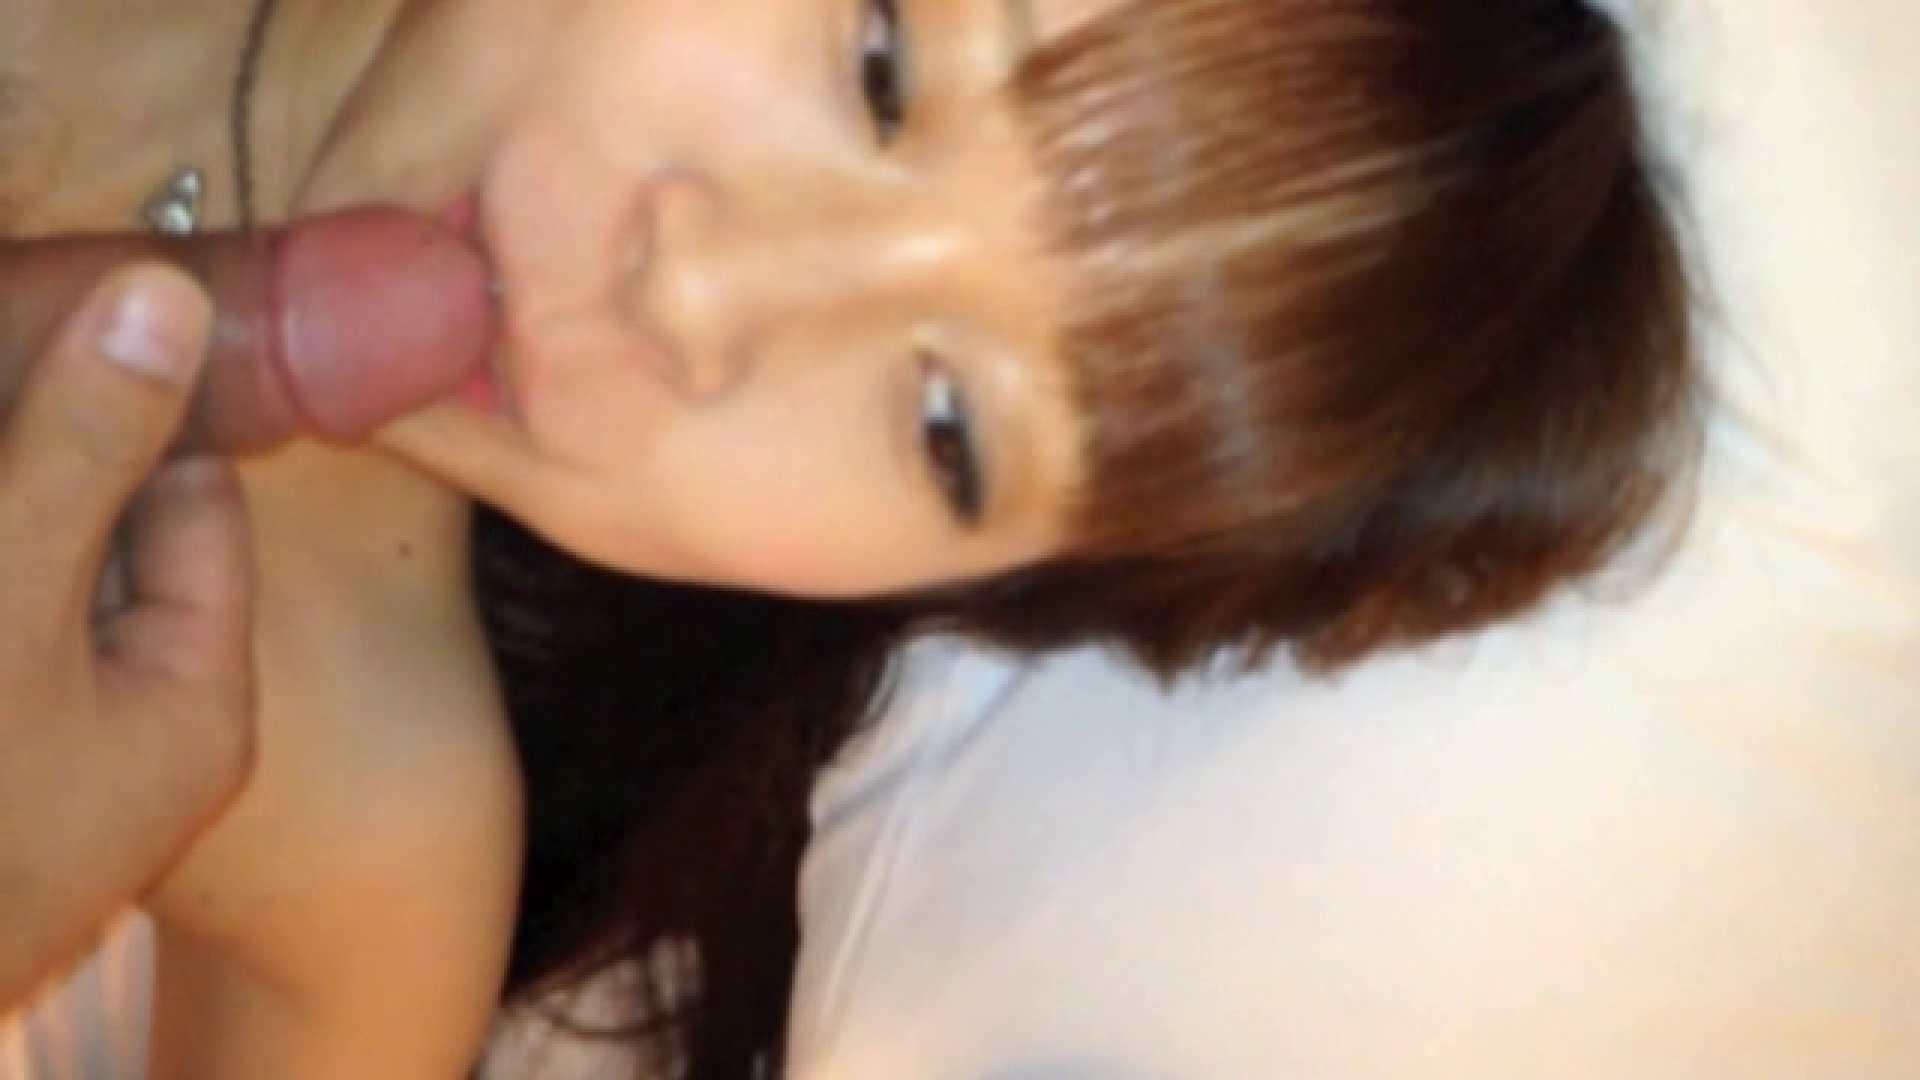 ドラゴン2世 チャラ男の個人撮影 Vol.17 超かわいい彼女 ゆいか 18才 Part.08 セックス流出映像   美少女女体  45連発 41